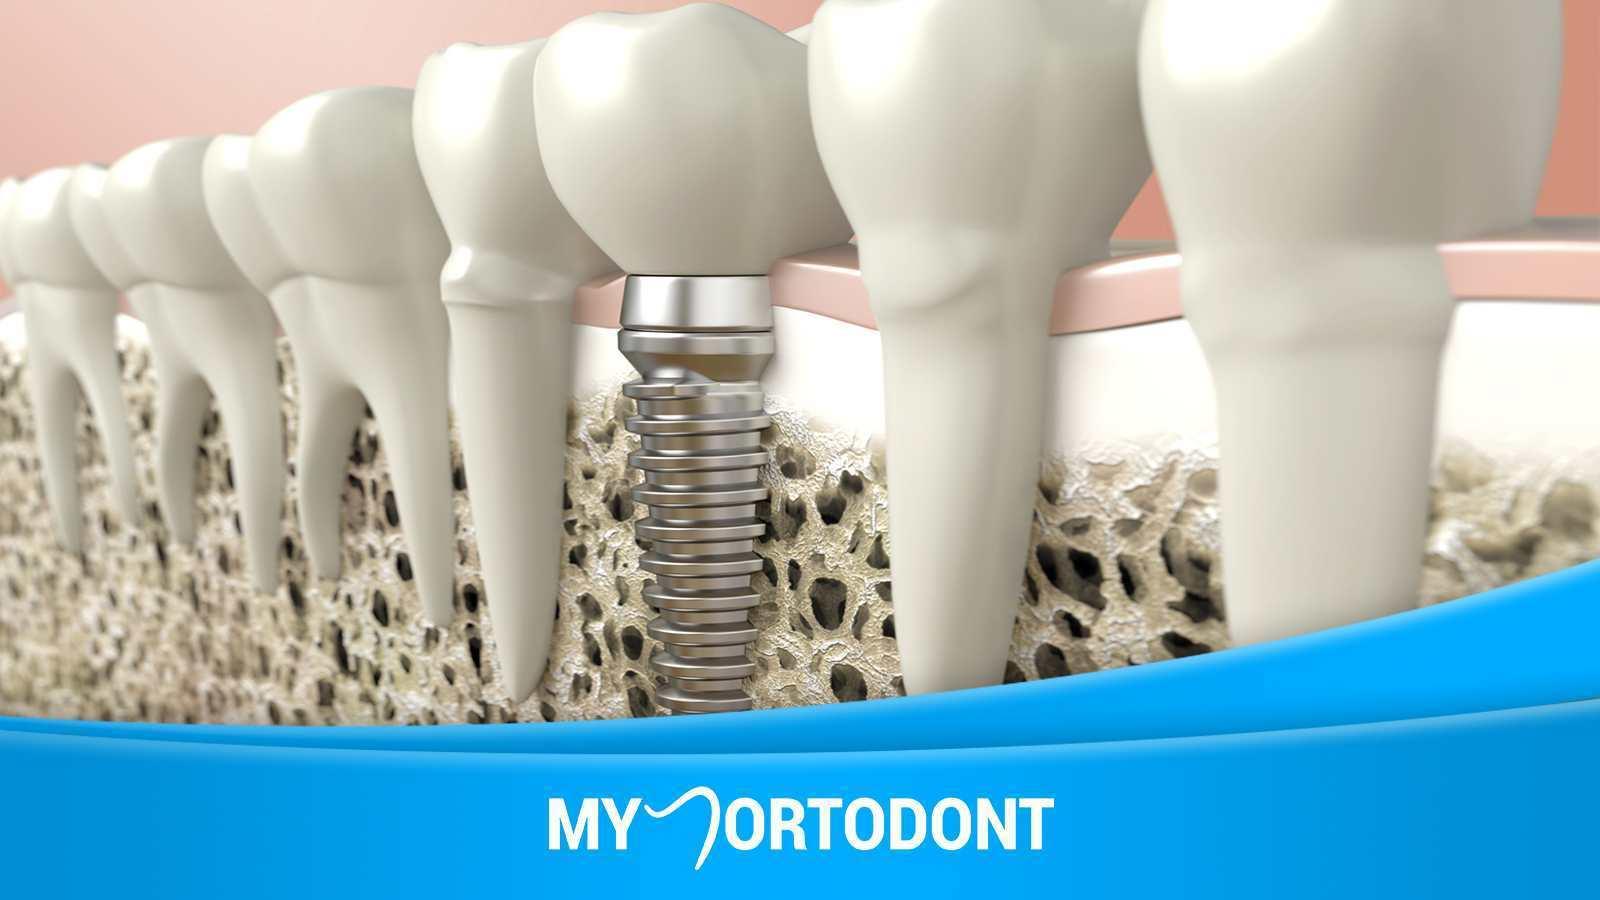 Акция на имплантацию протезирование зубов